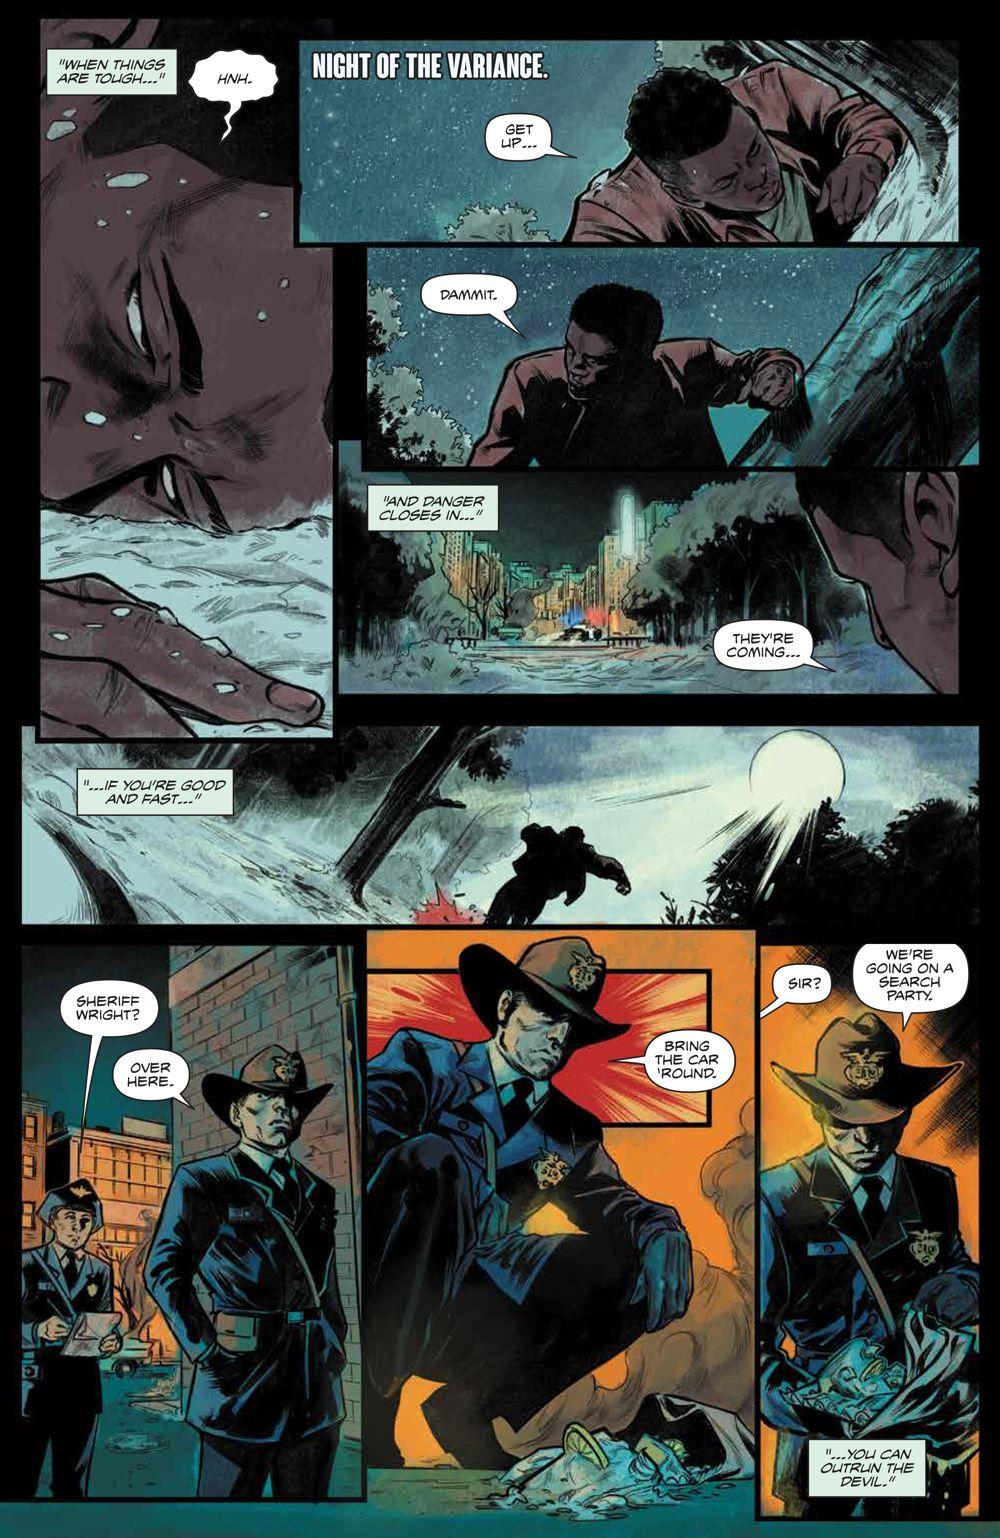 DarkBlood_003_PRESS_6 ComicList Previews: DARK BLOOD #3 (OF 6)